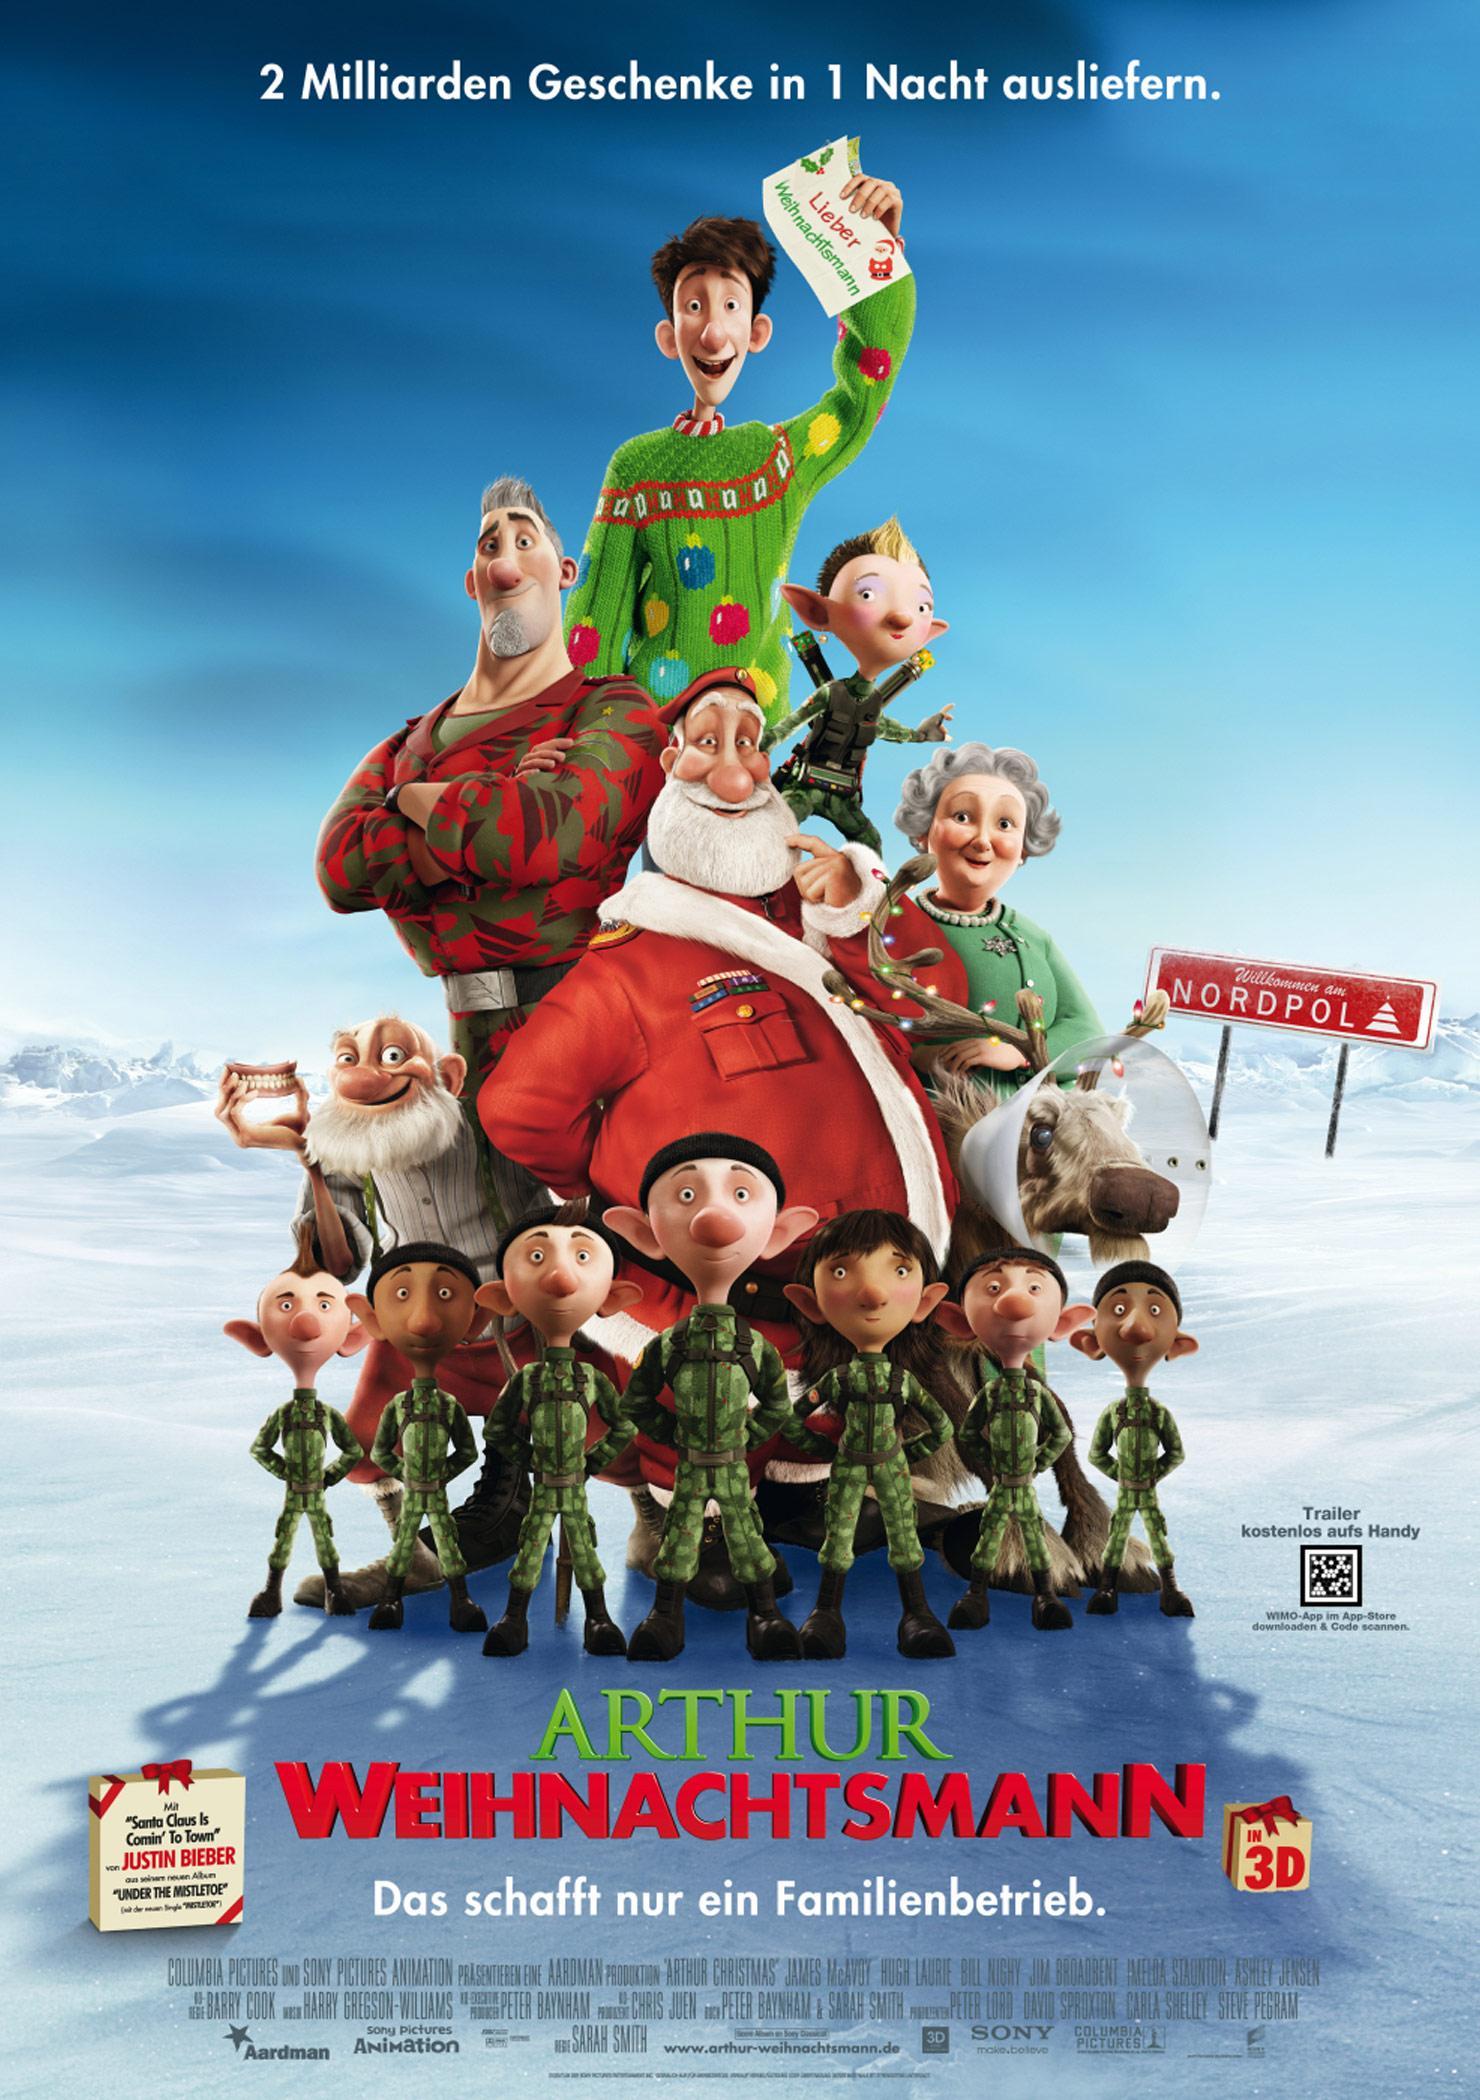 Arthur Weihnachtsmann (Poster)